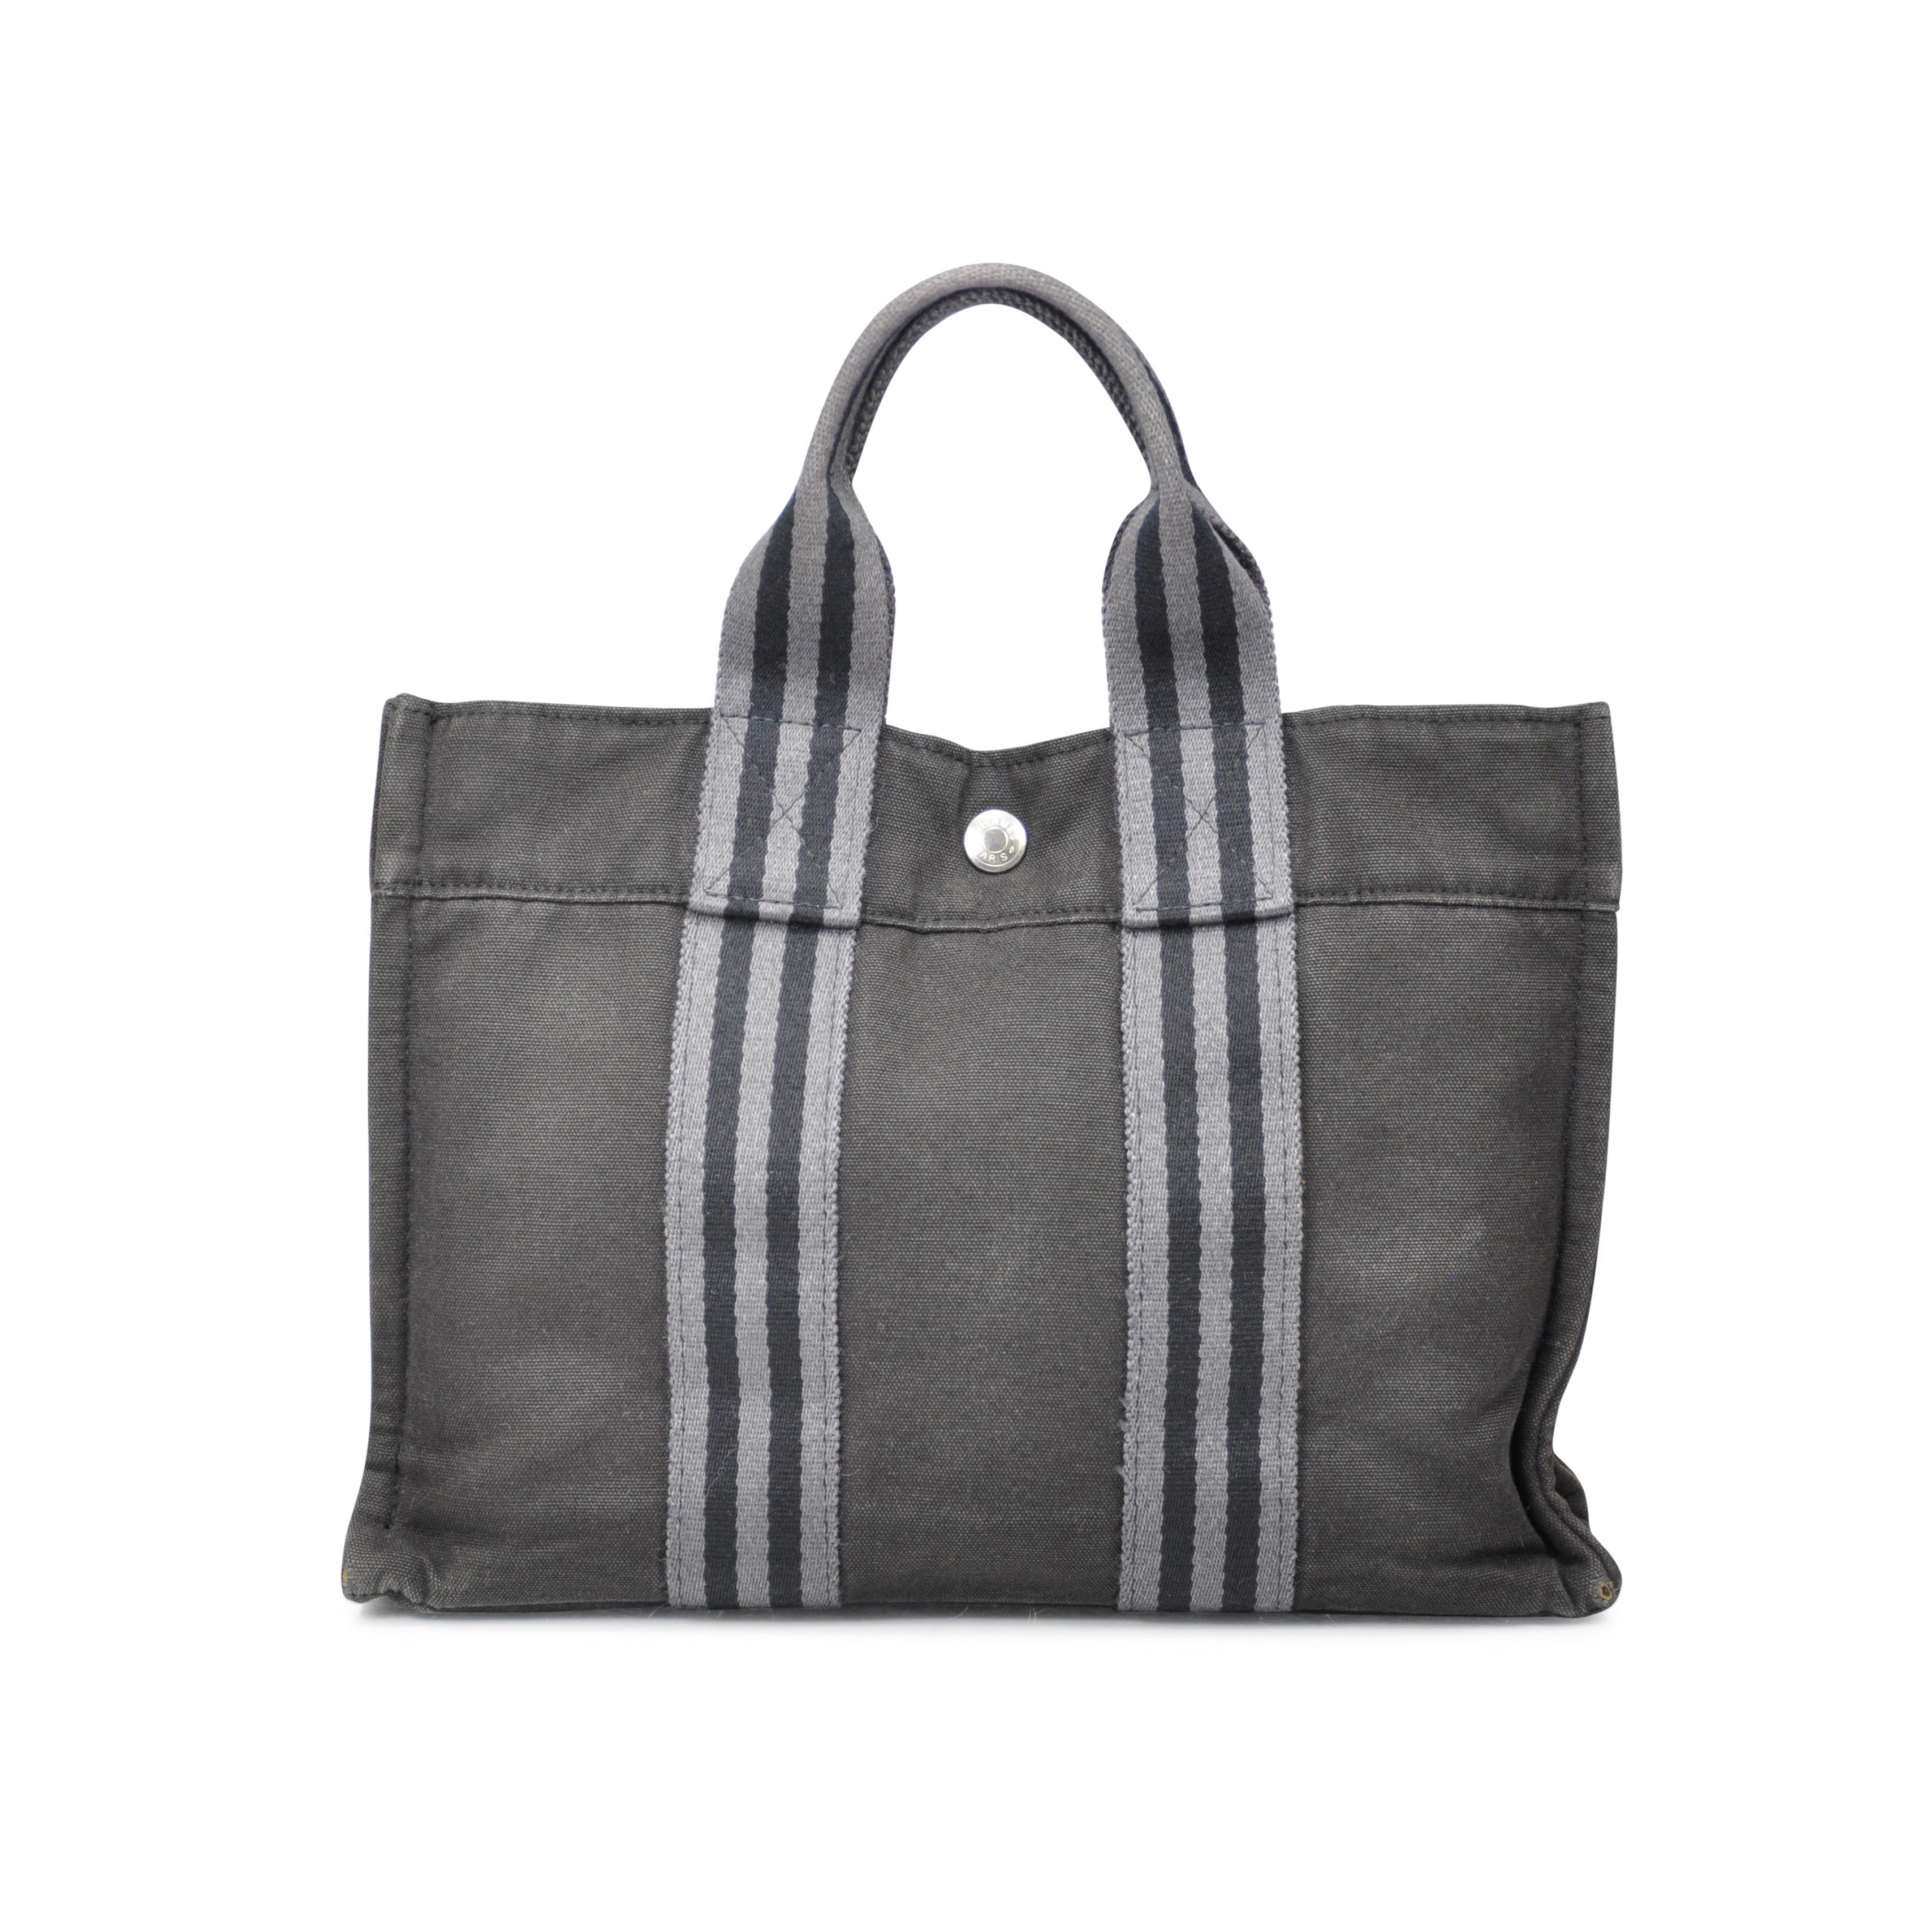 17827ba9ef5e Authentic Second Hand Hermès Fourre Tout PM Bag (TFC-101-00039 ...